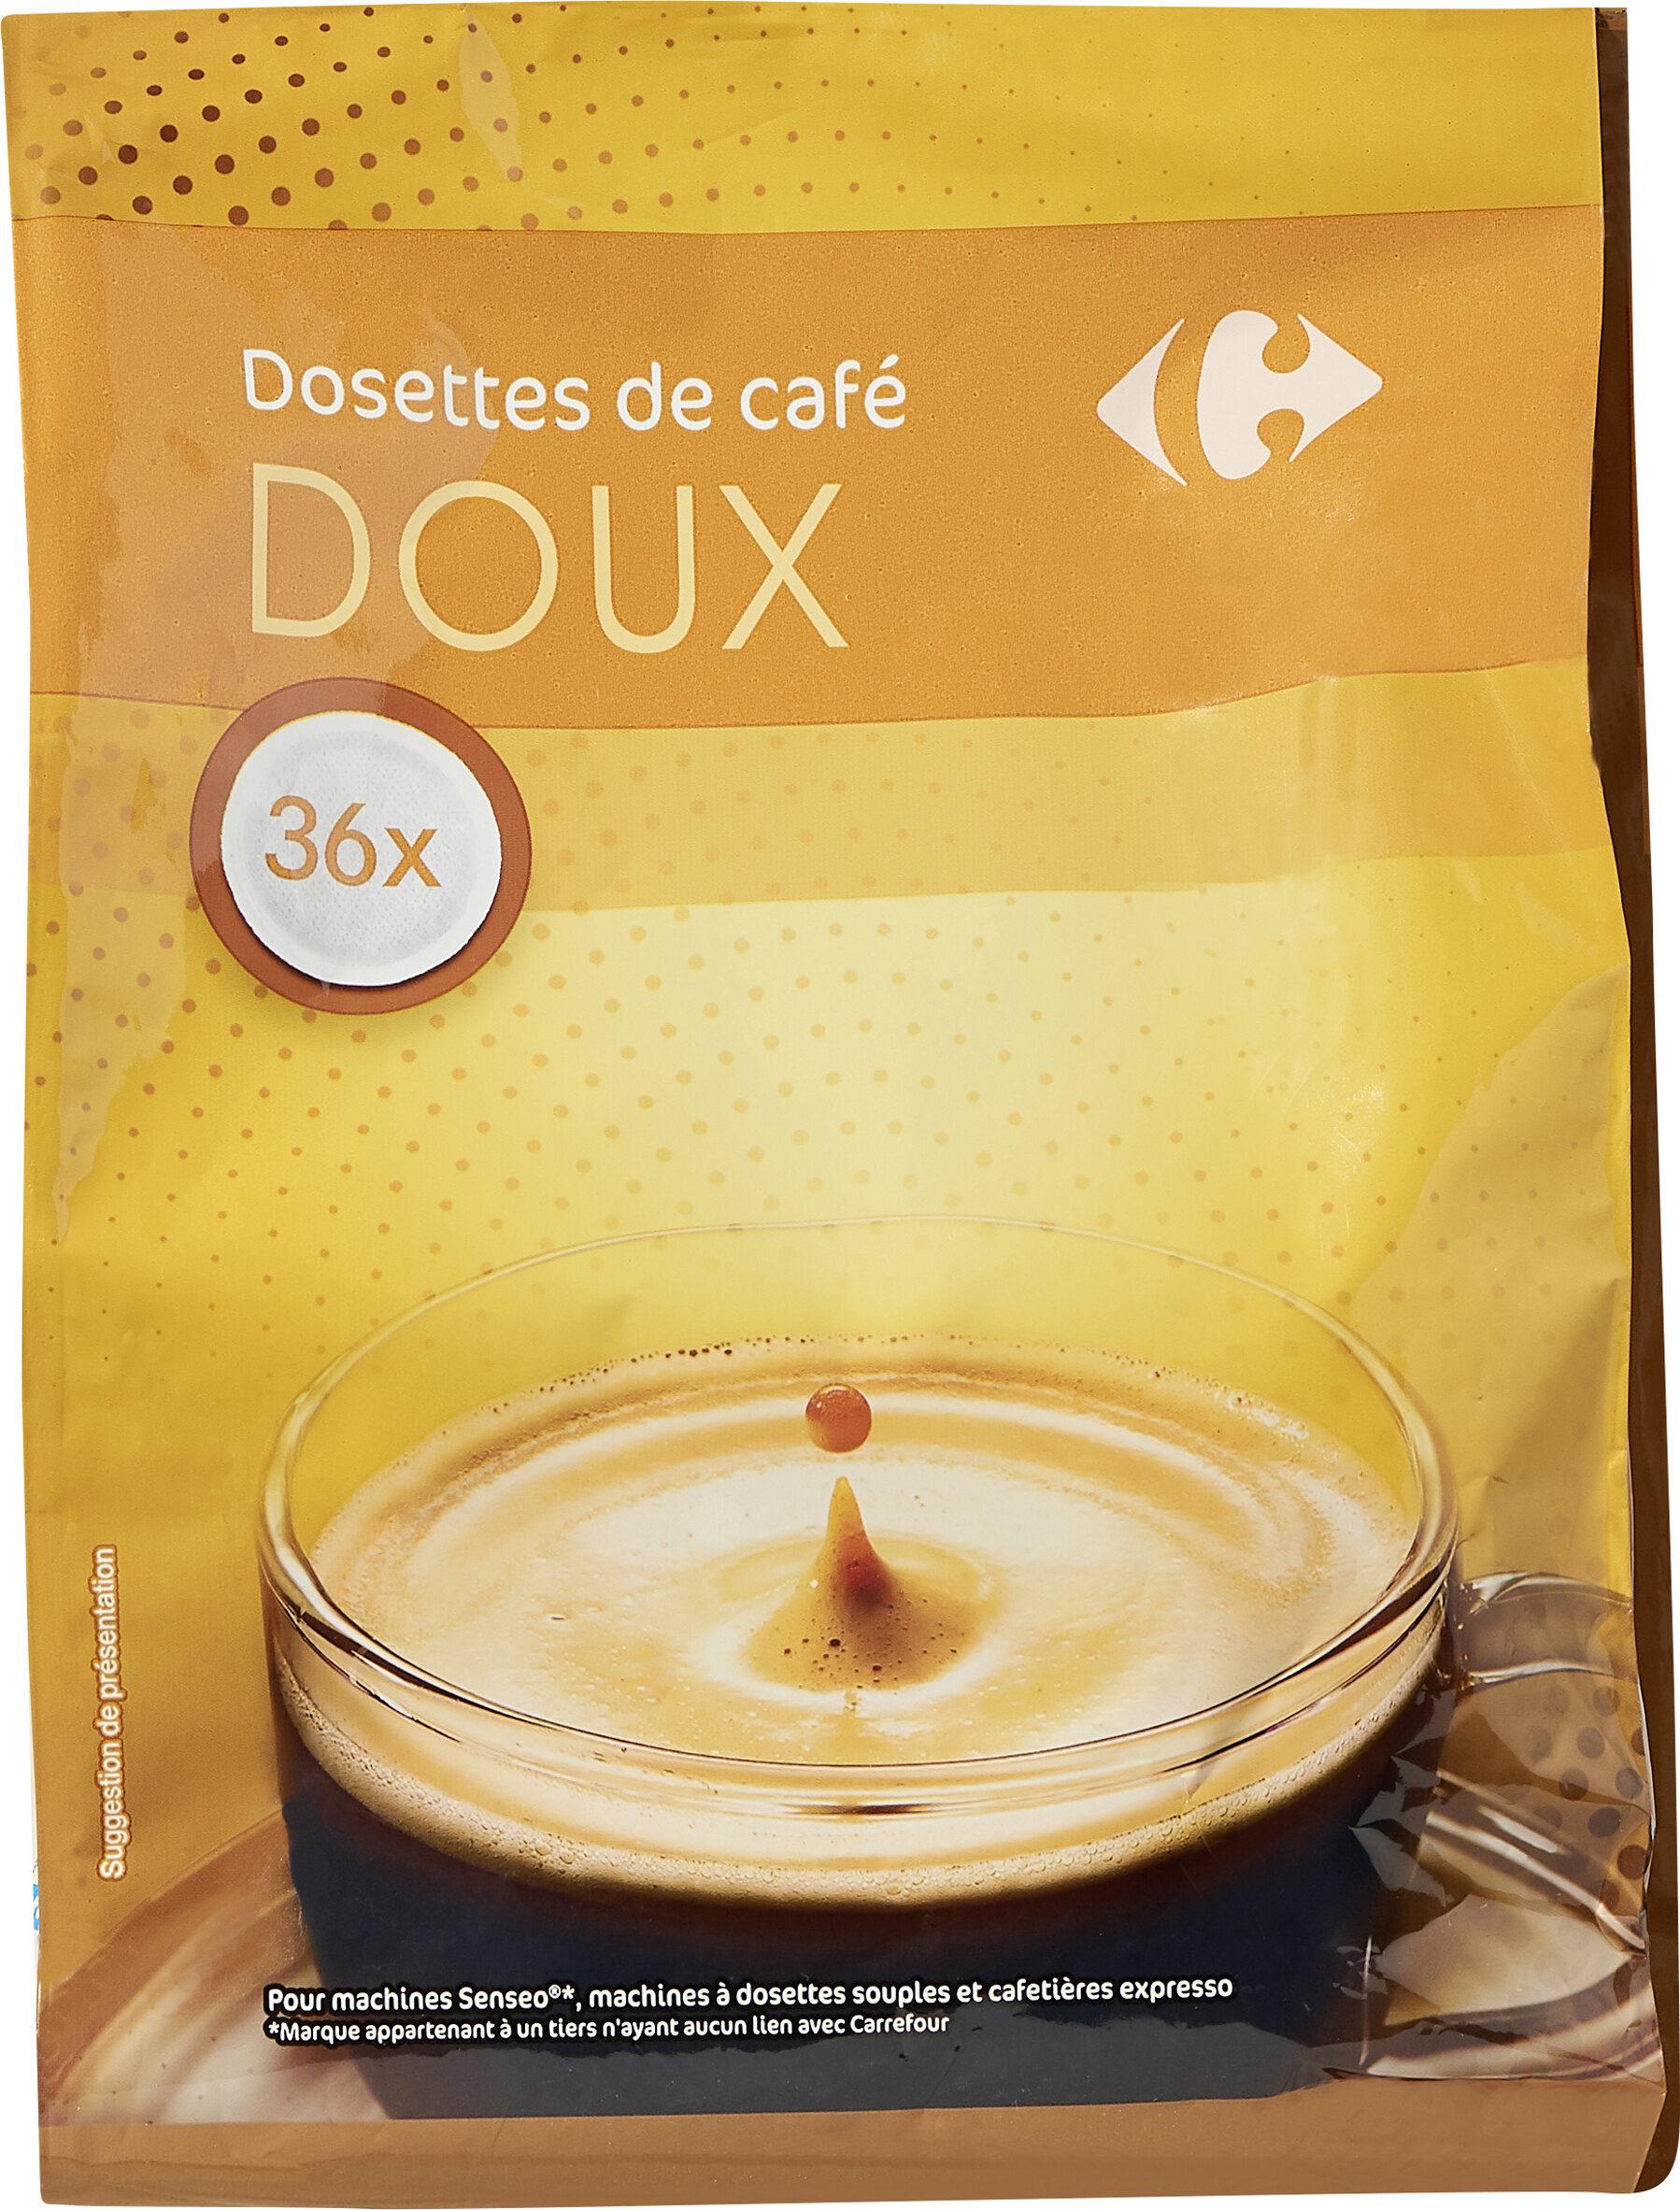 Dosettes de café - Prodotto - fr